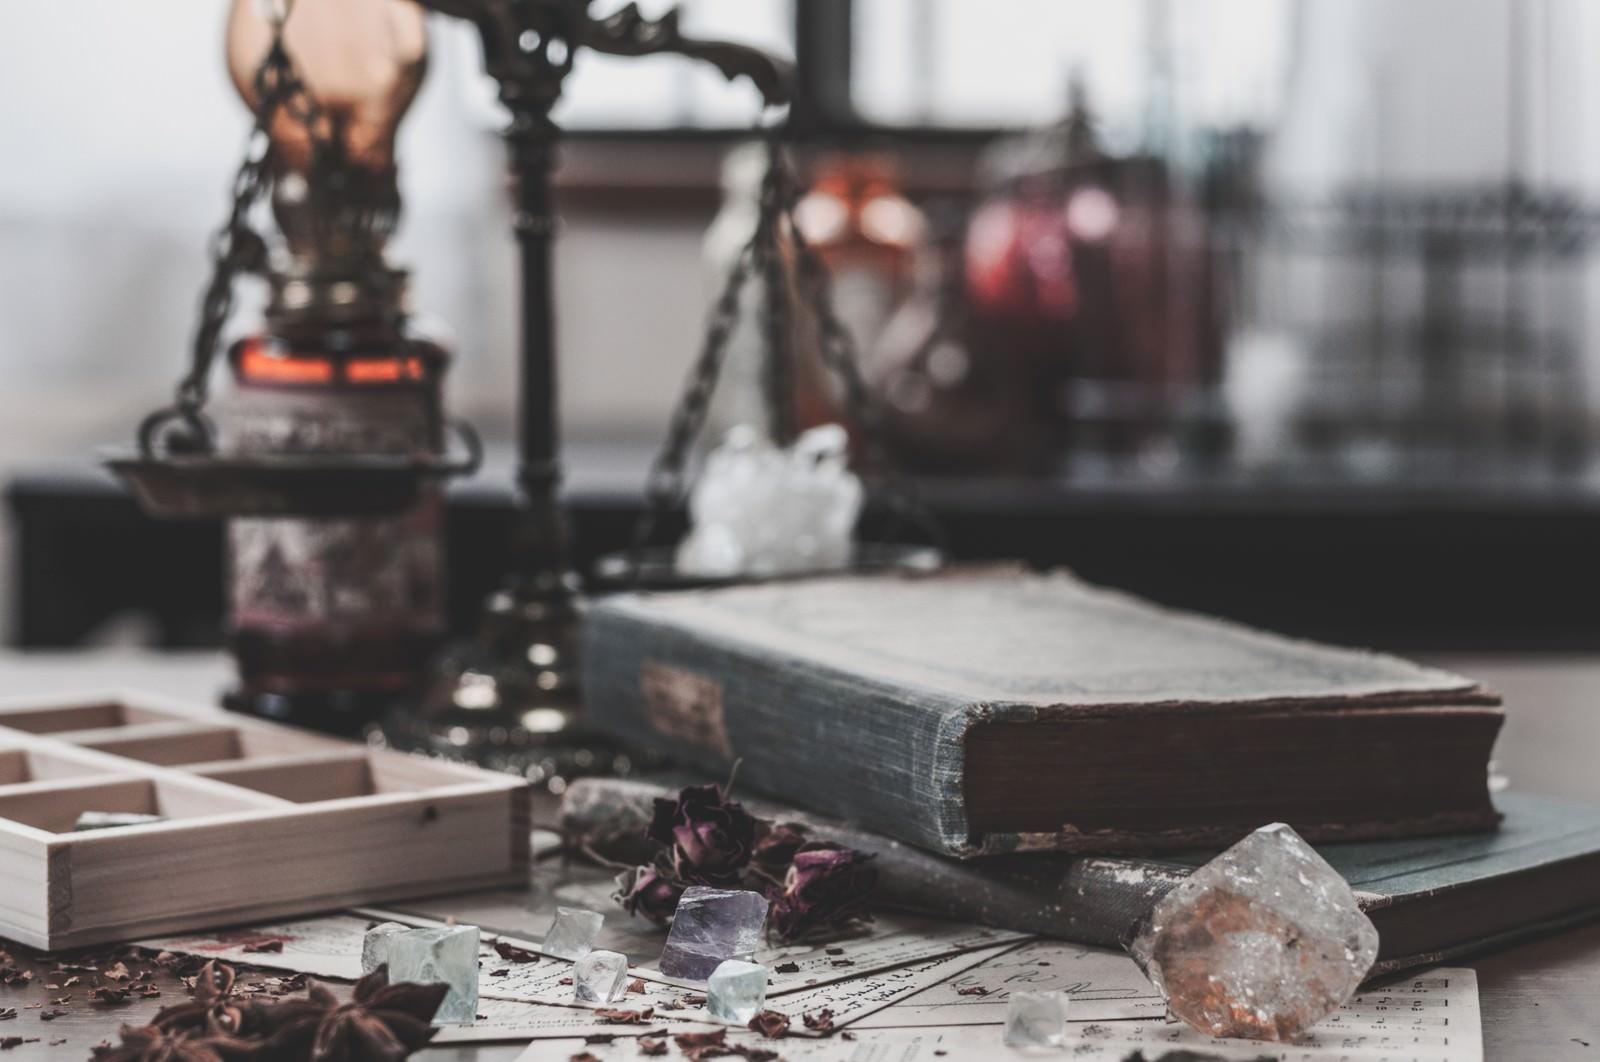 「散らかった魔法使いの机」の写真